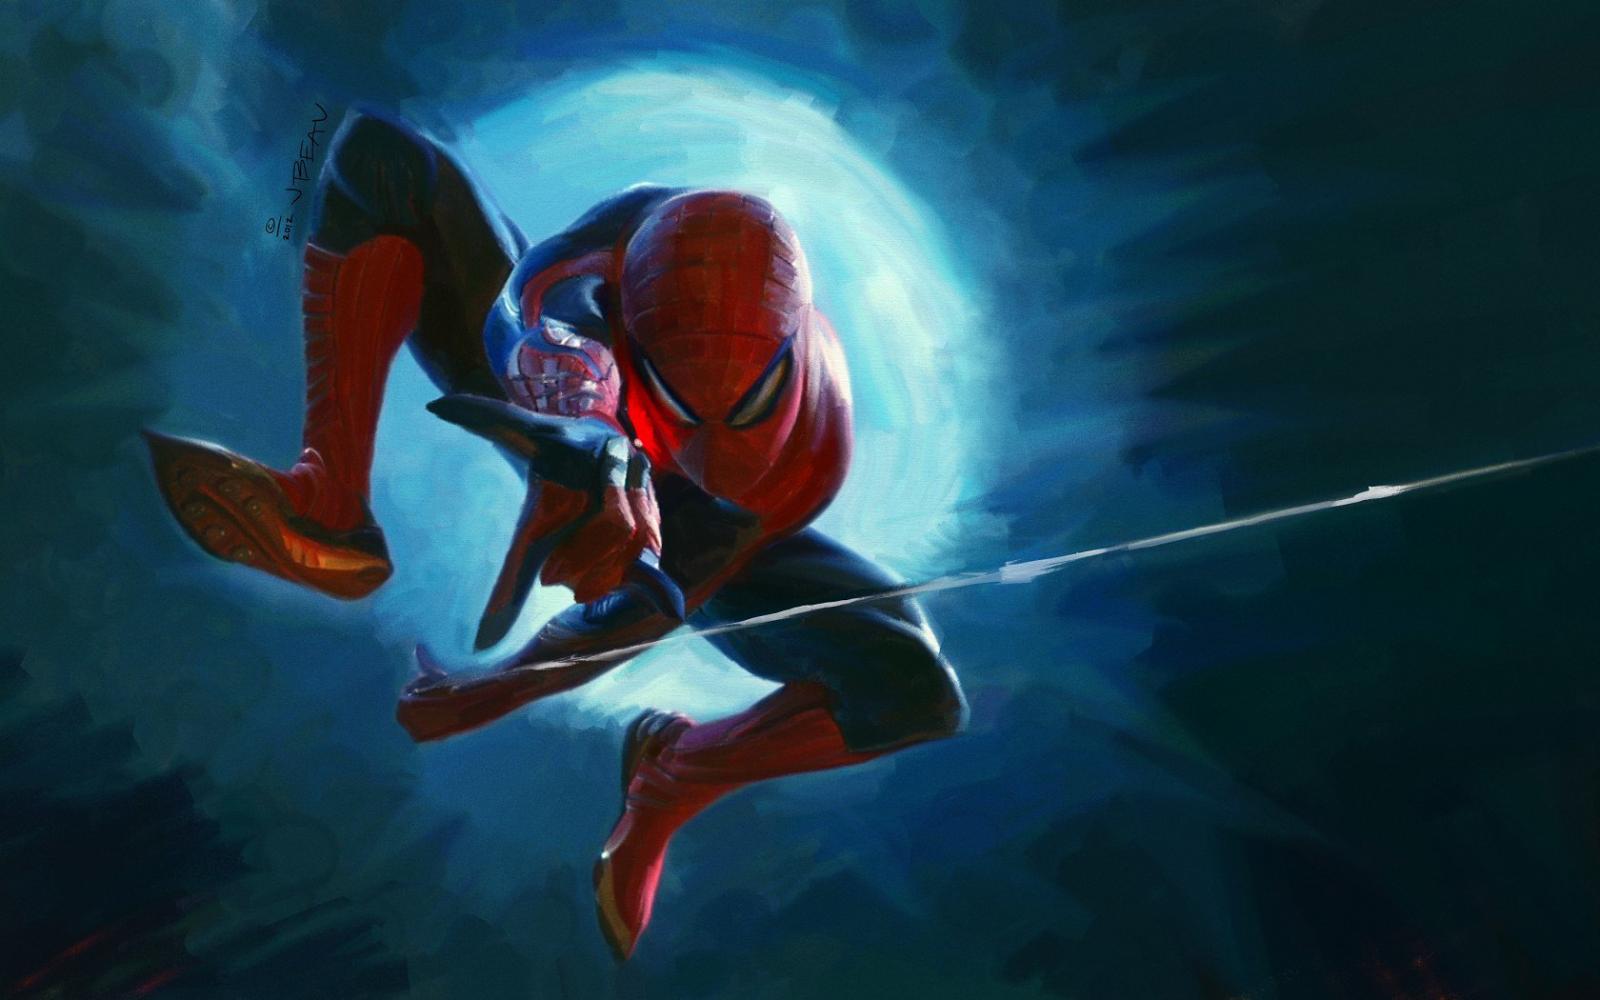 Spiderman Live Wallpaper HD - WallpaperSafari